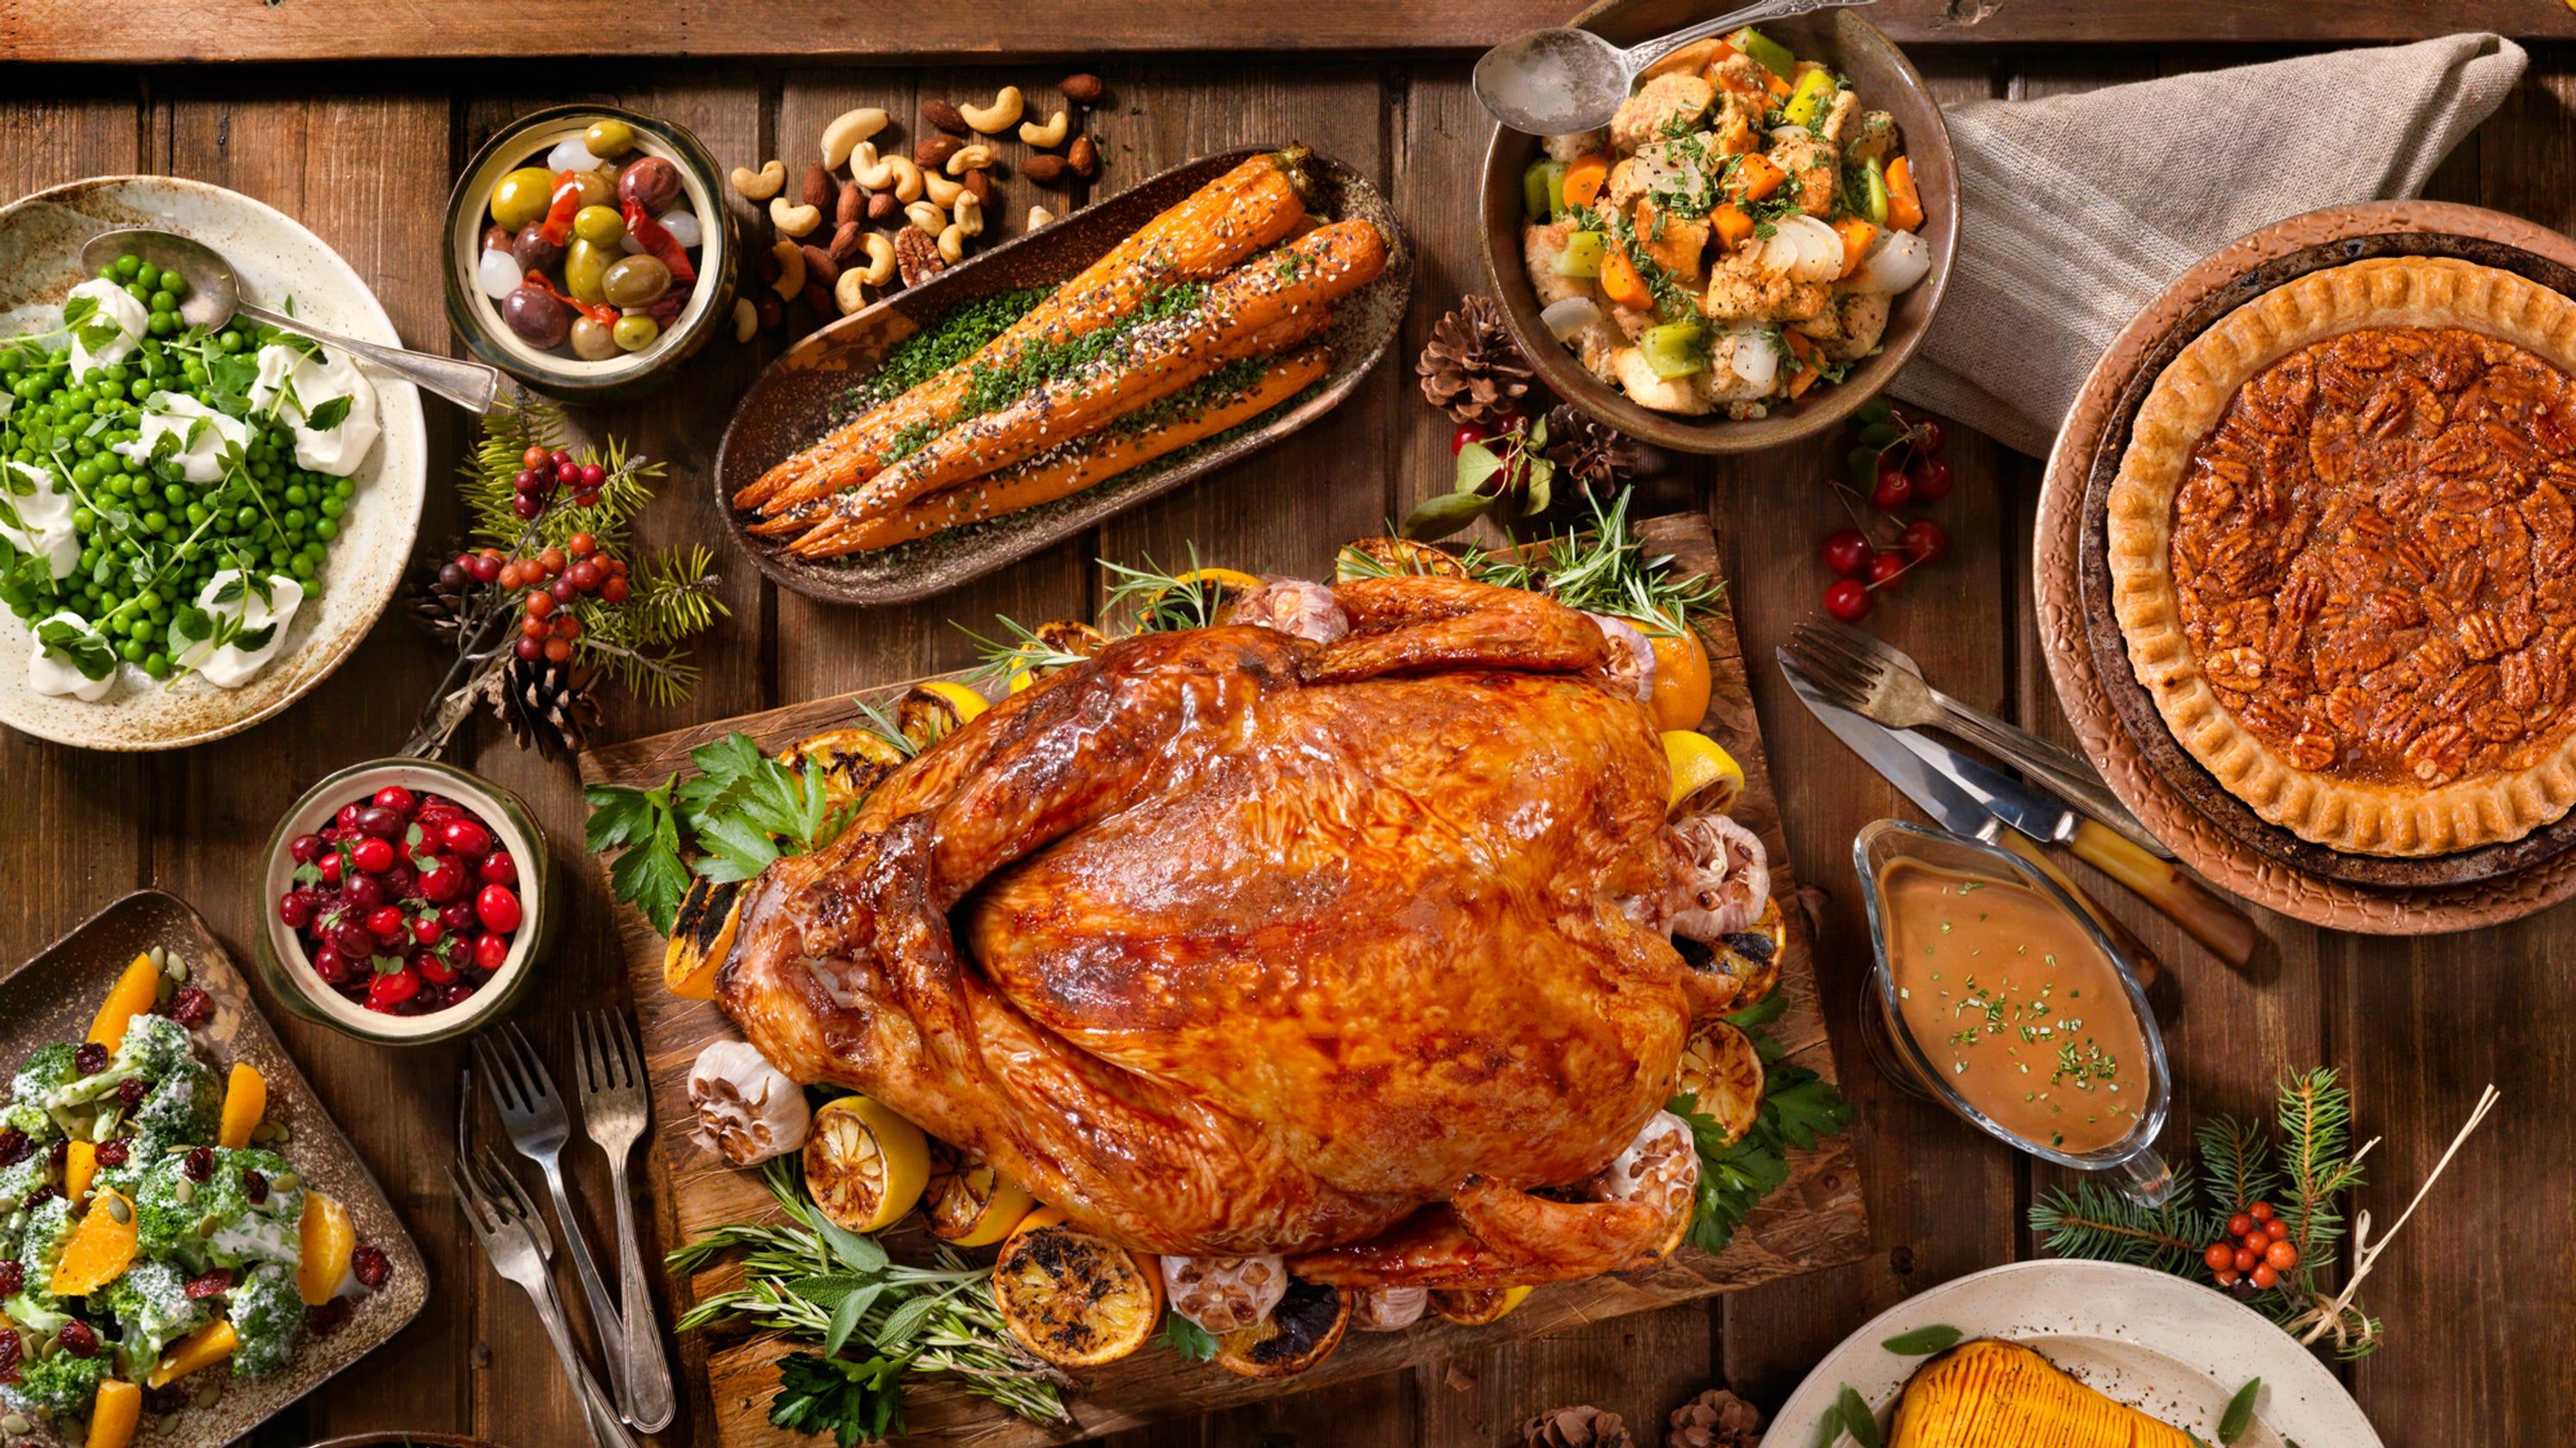 Thanksgiving Breakfast Restaurants  Thanksgiving 2018 What NJ restaurants are open